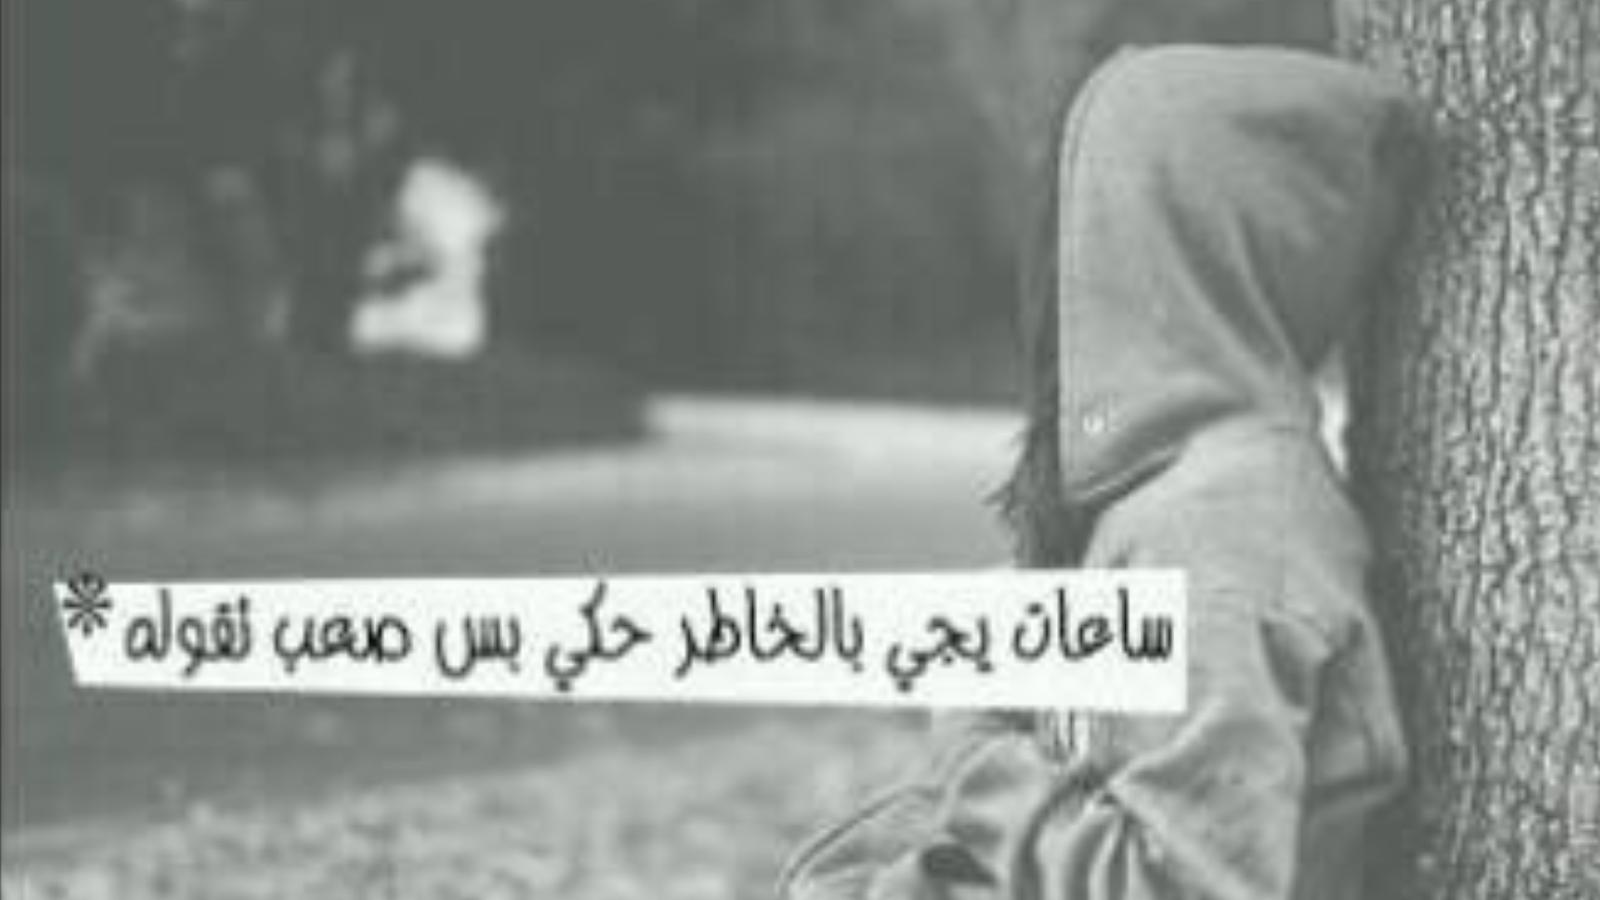 بالصور صور و اتس حزينة , اجدد صور وحالات الواتس حزينه لقلوب تحترق unnamed file 8